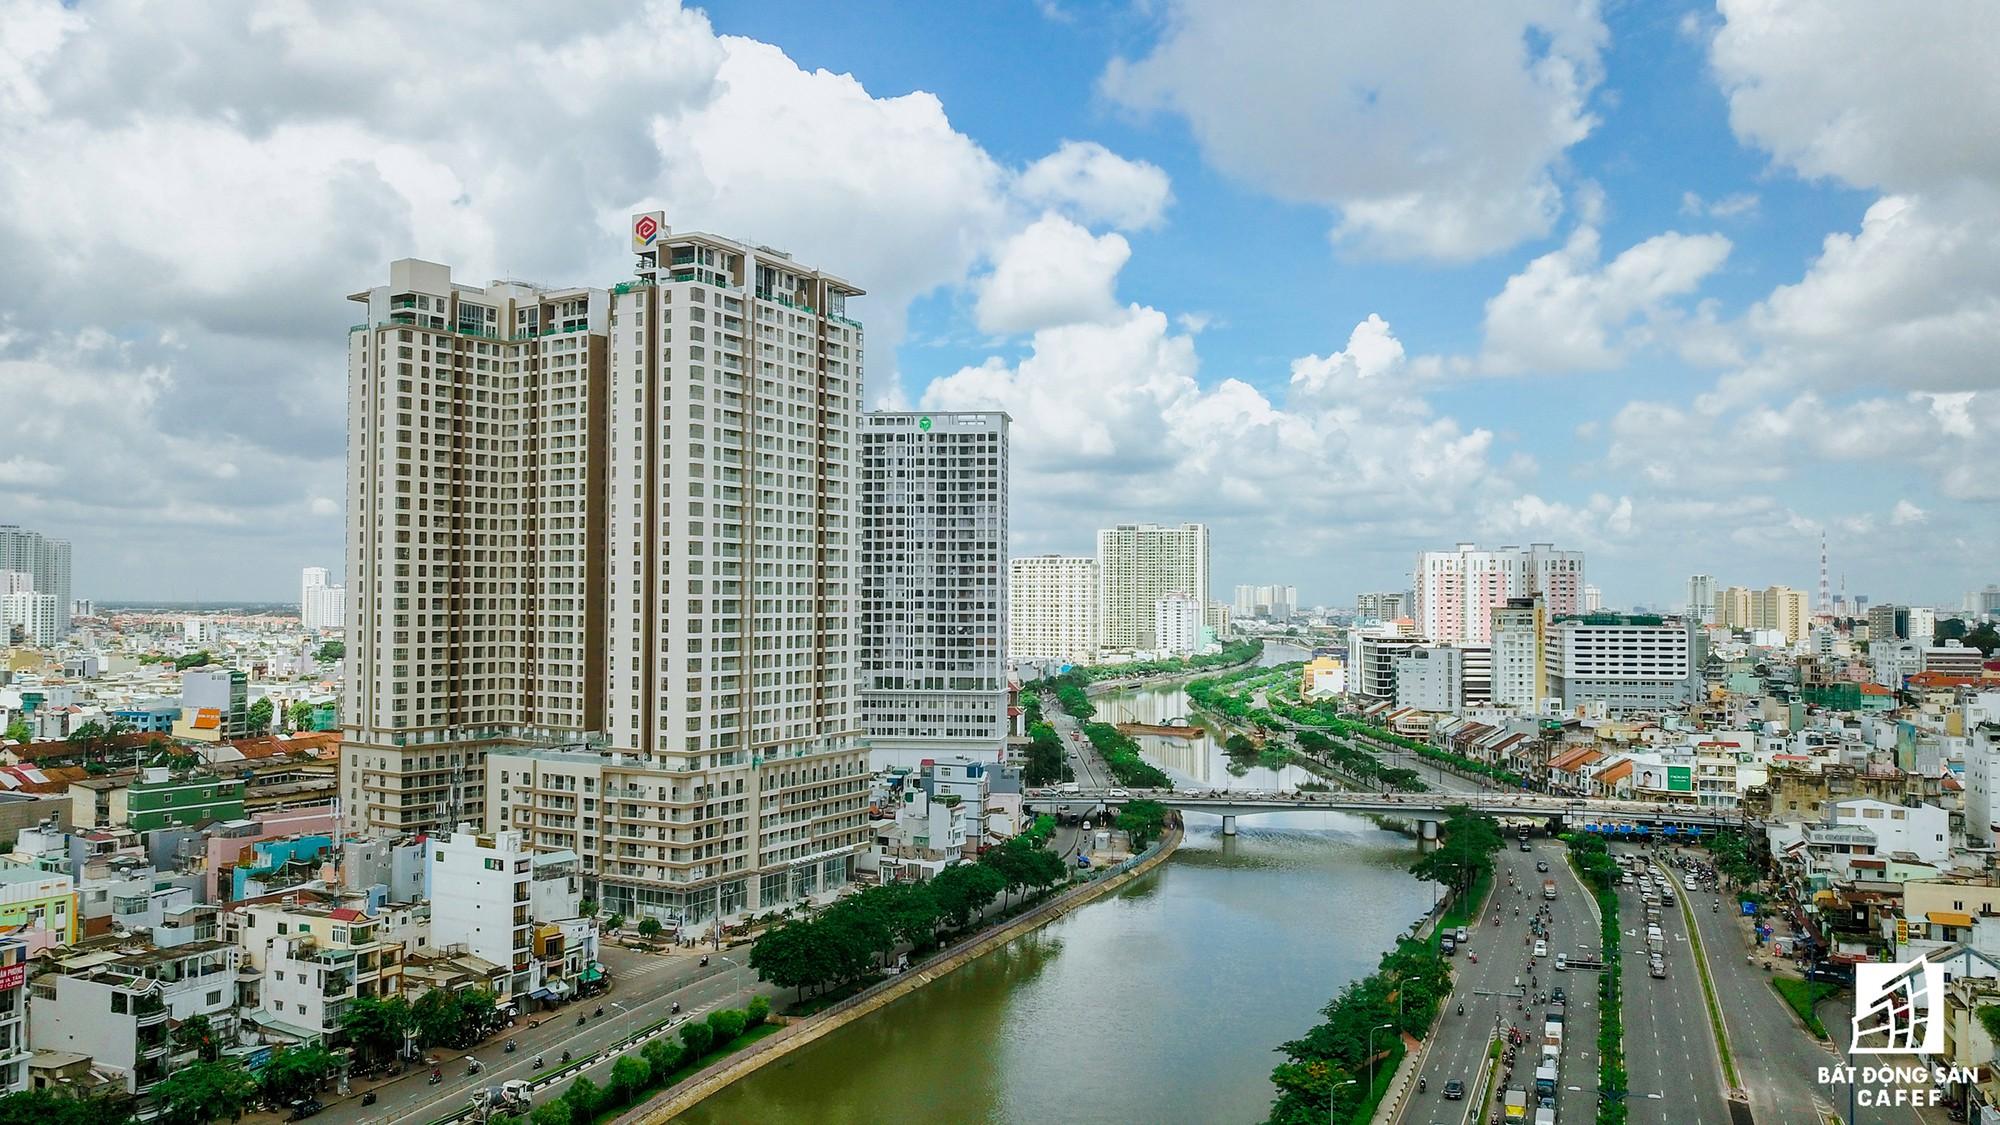 Những cửa ngõ ra vào trung tâm Sài Gòn đang bị 'bóp nghẹt' như thế nào? - Ảnh 6.